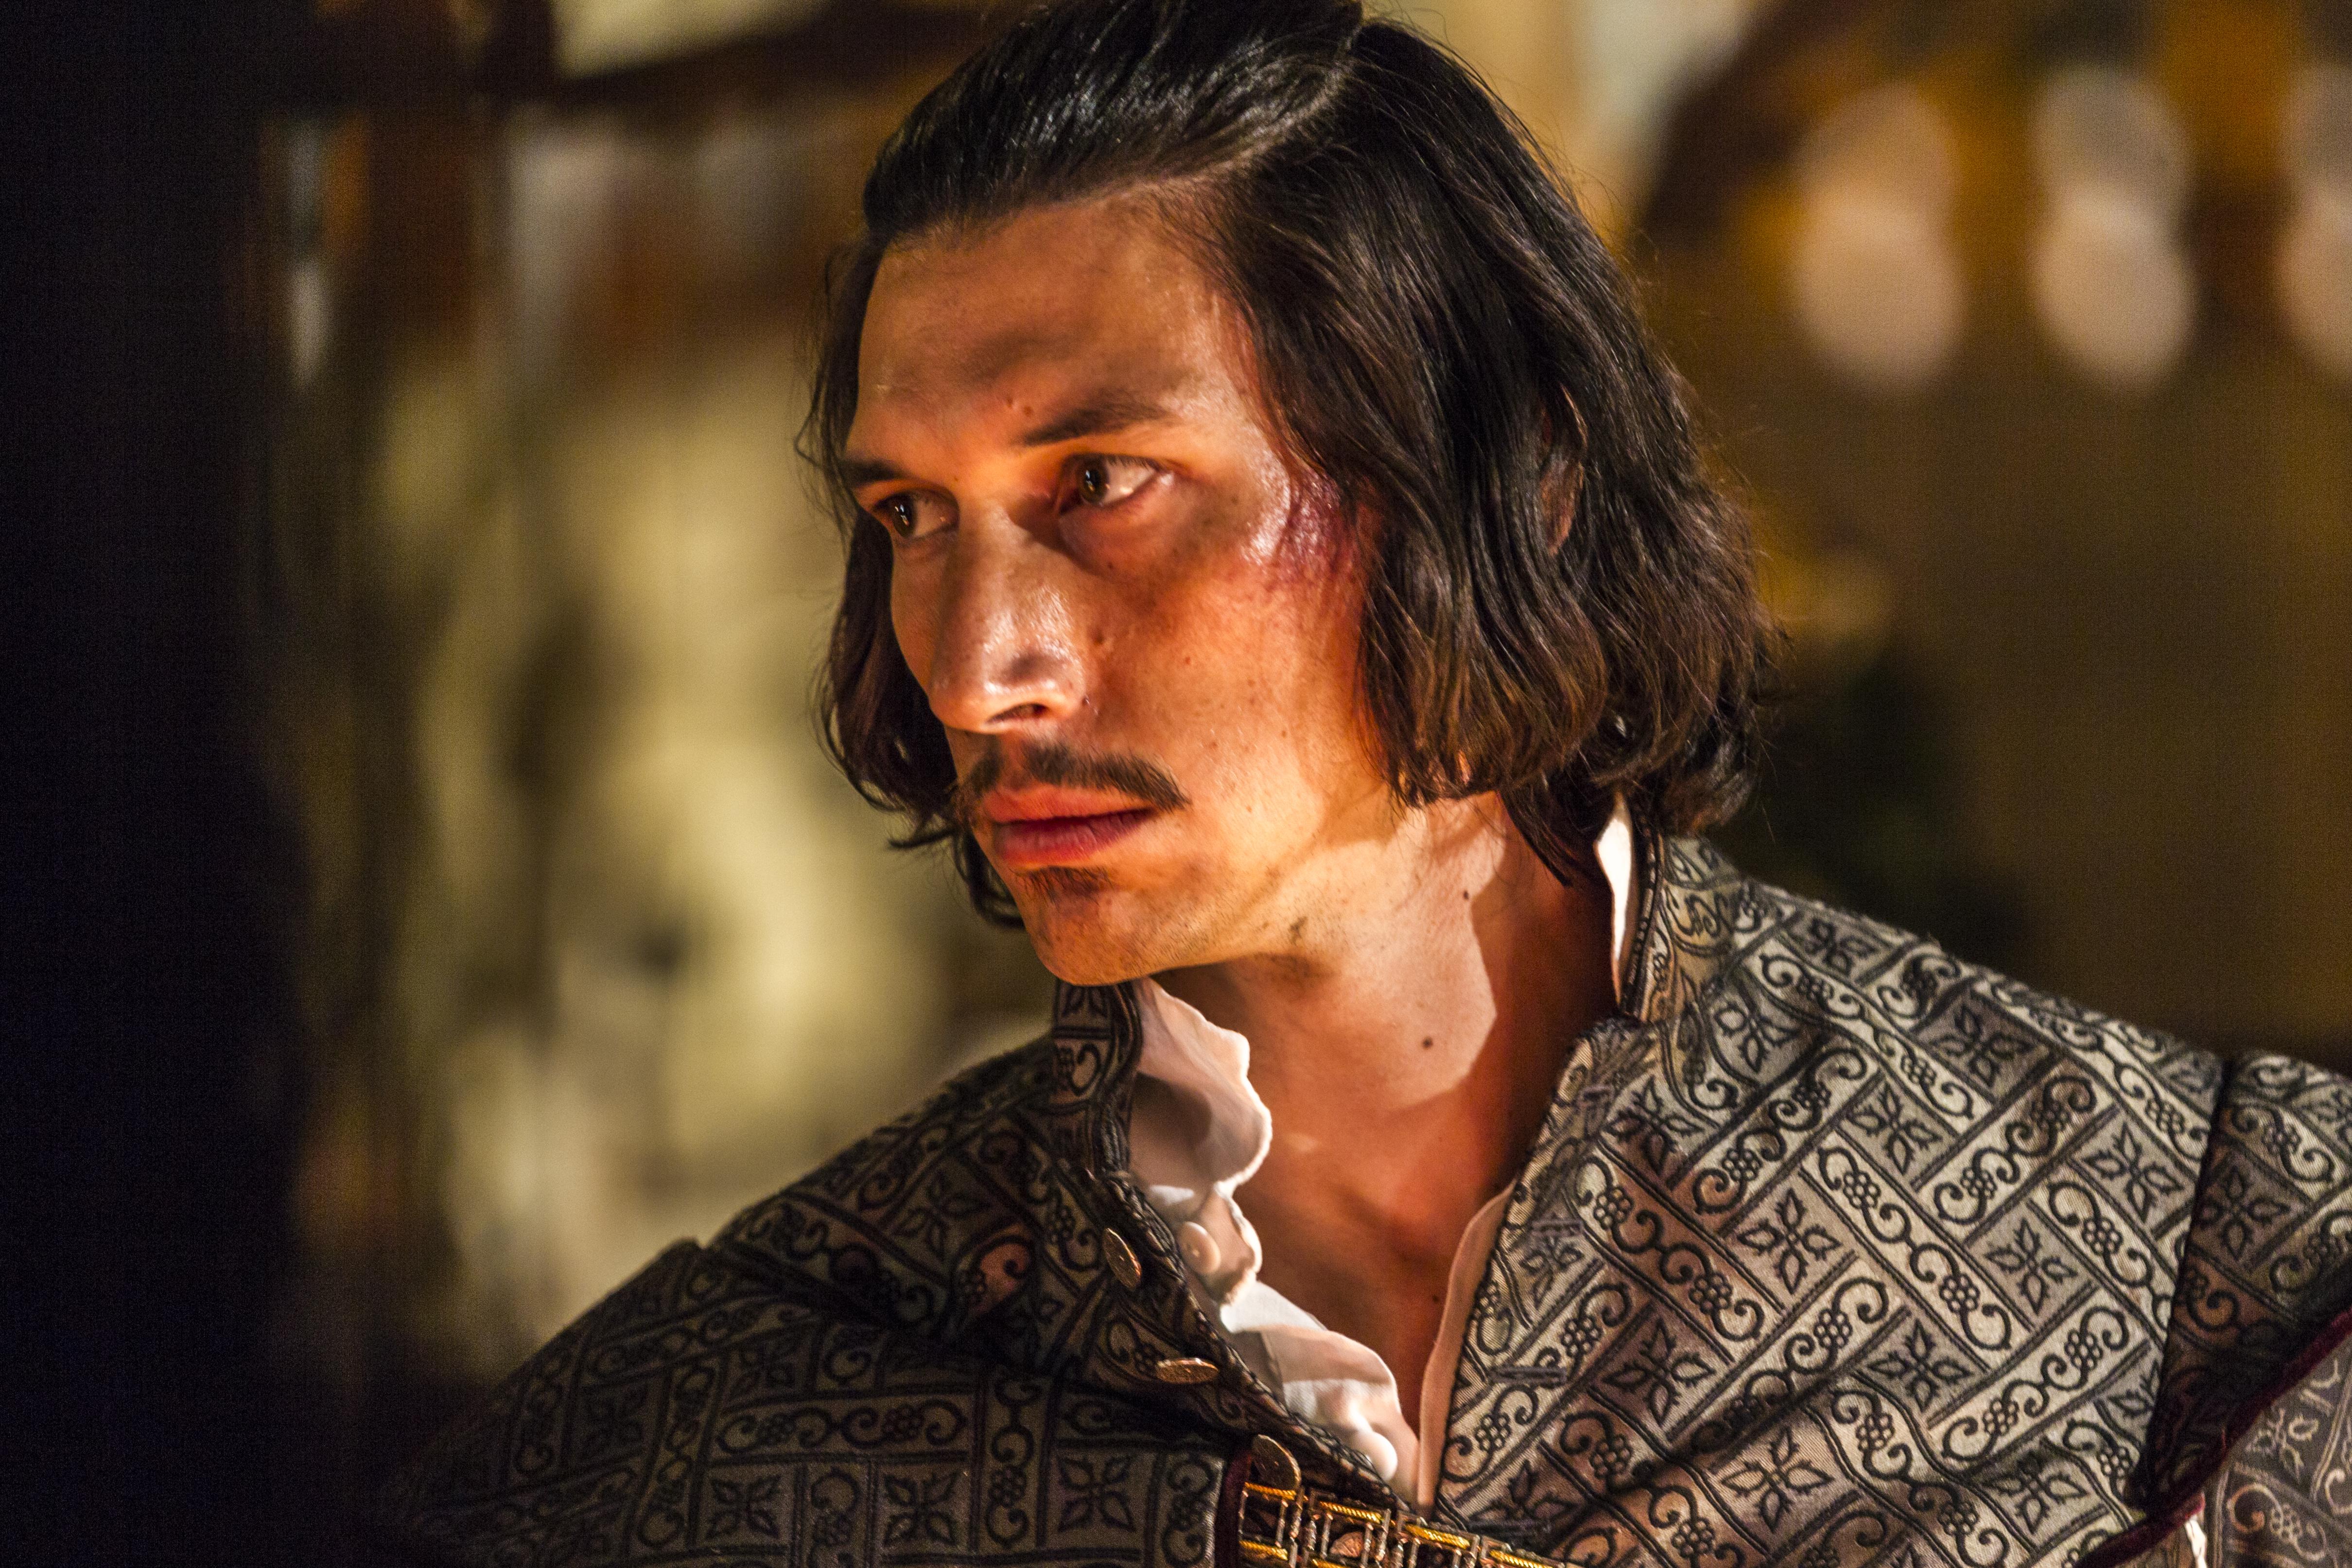 Чоловік, який вбив Дон Кіхота The man who killed Don Quixote Человек, который убил Дон Кихота